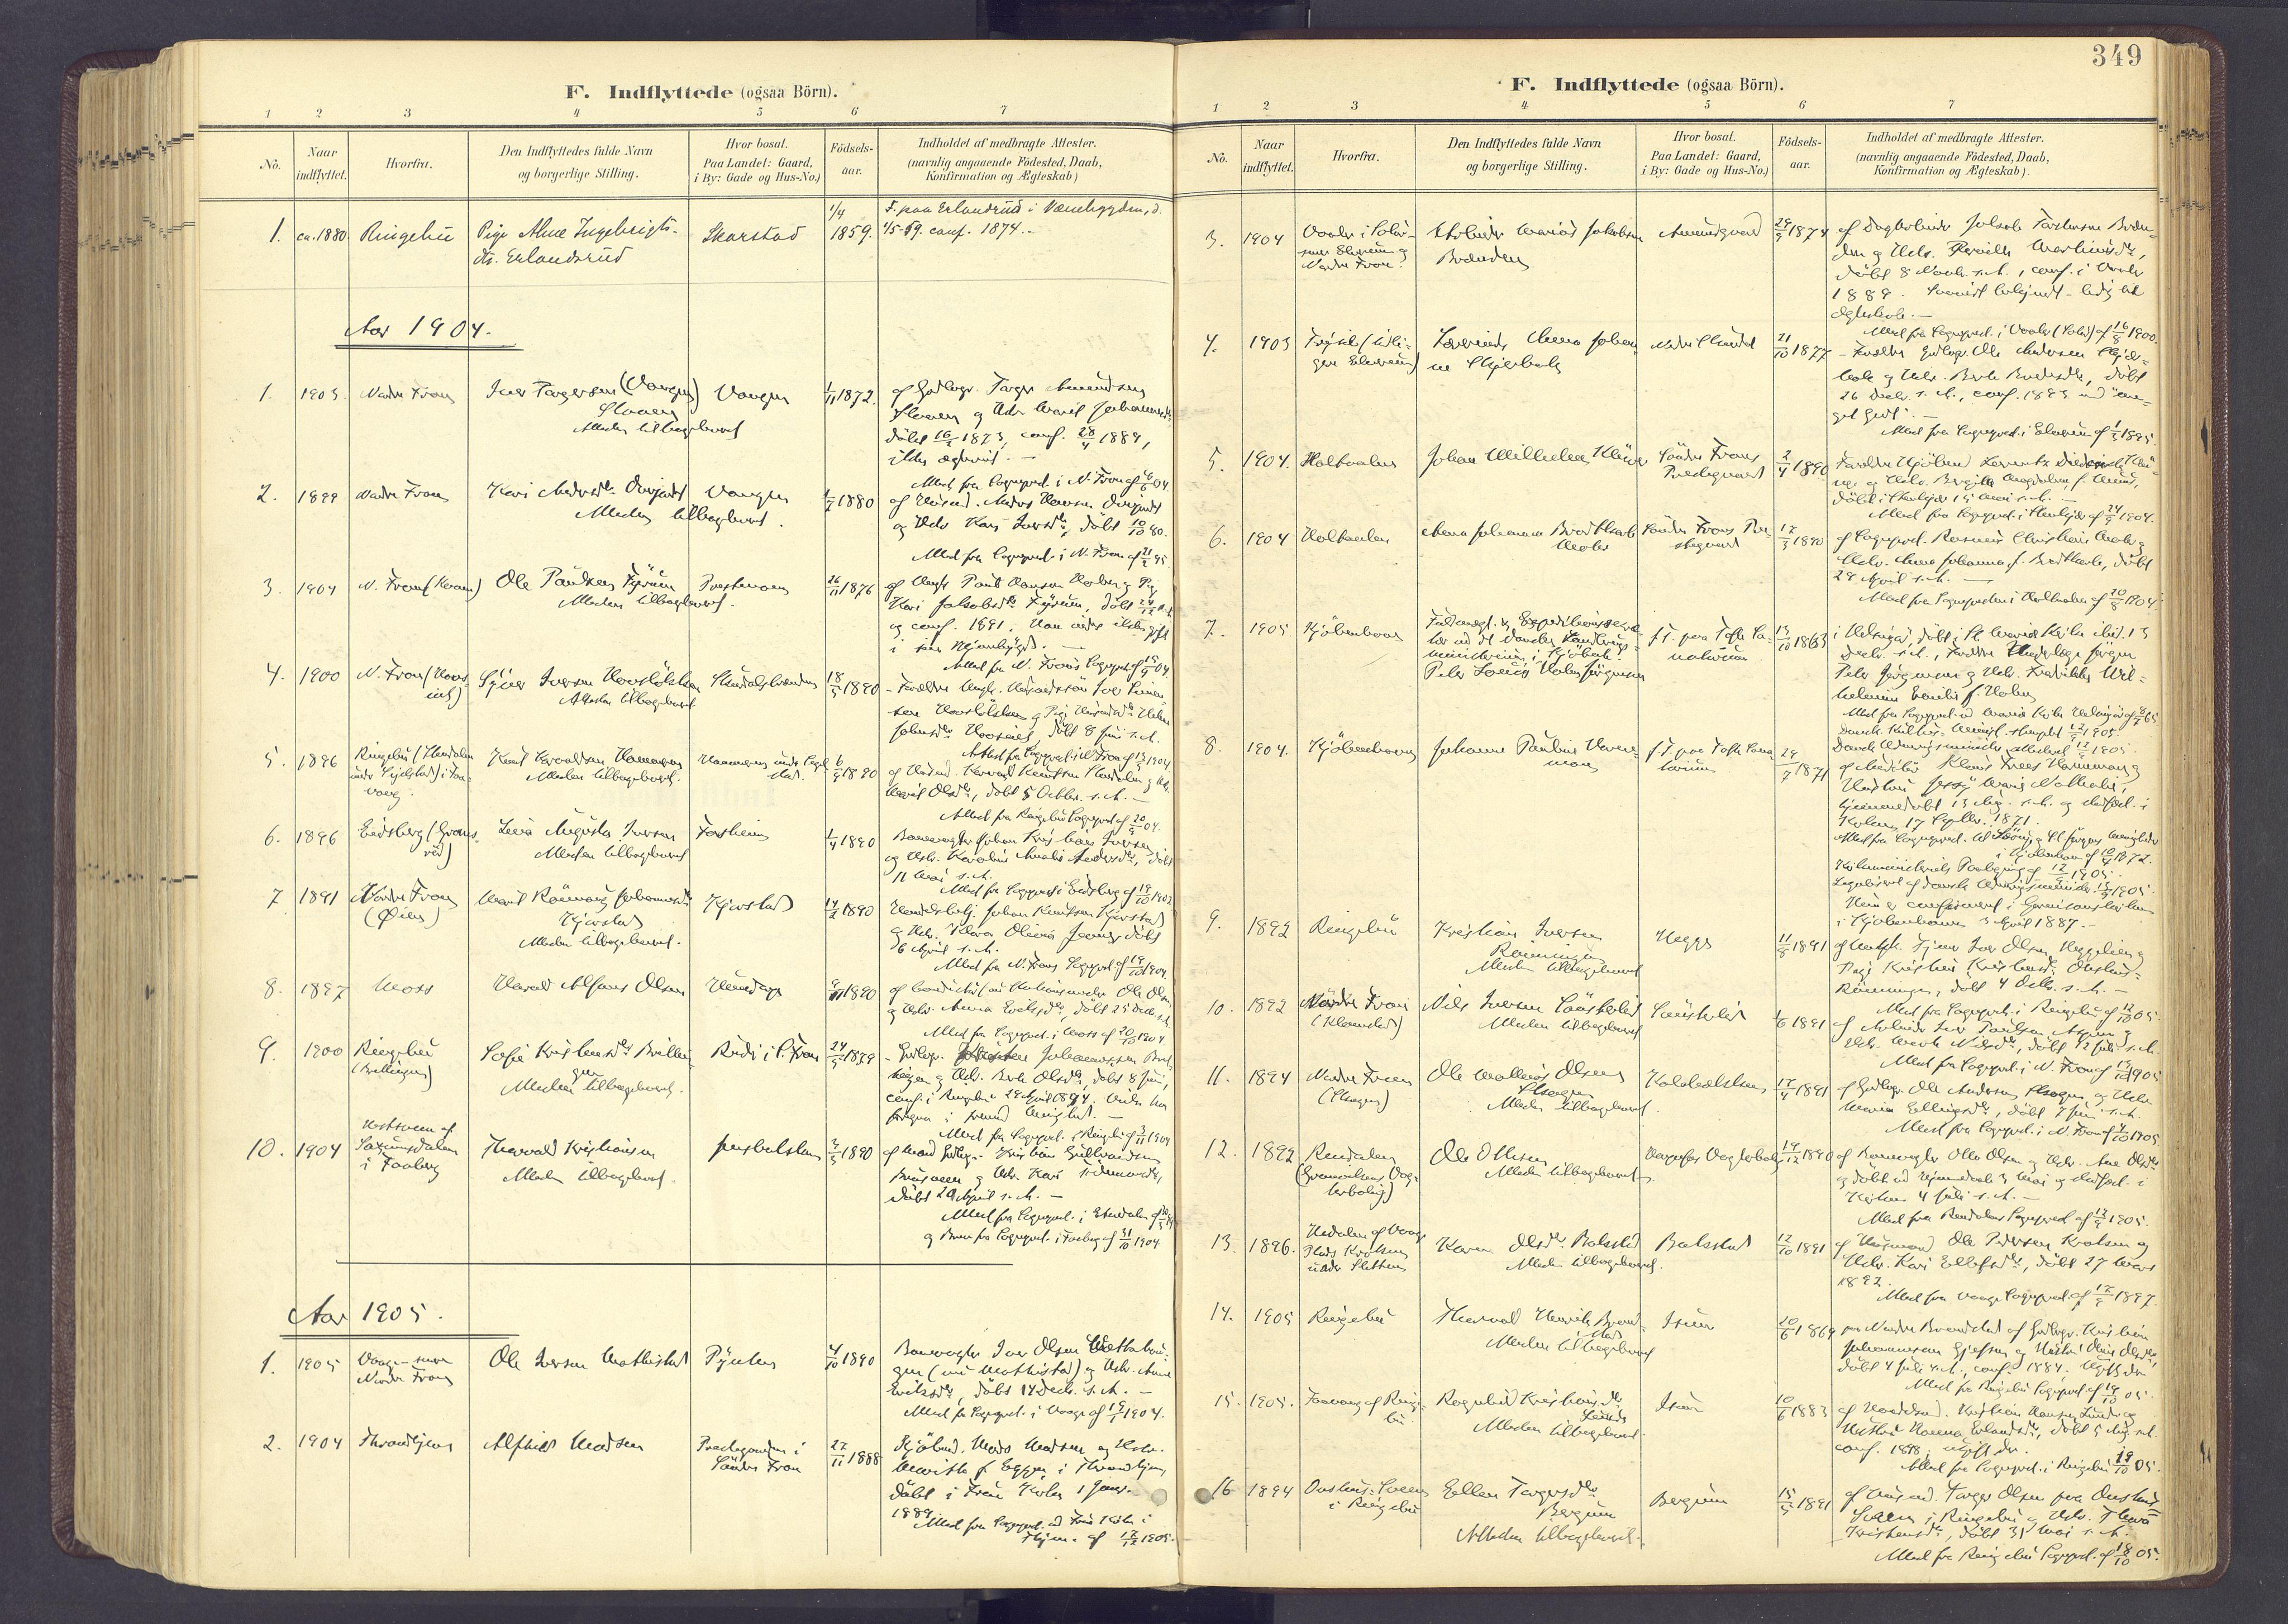 SAH, Sør-Fron prestekontor, H/Ha/Haa/L0004: Ministerialbok nr. 4, 1898-1919, s. 349